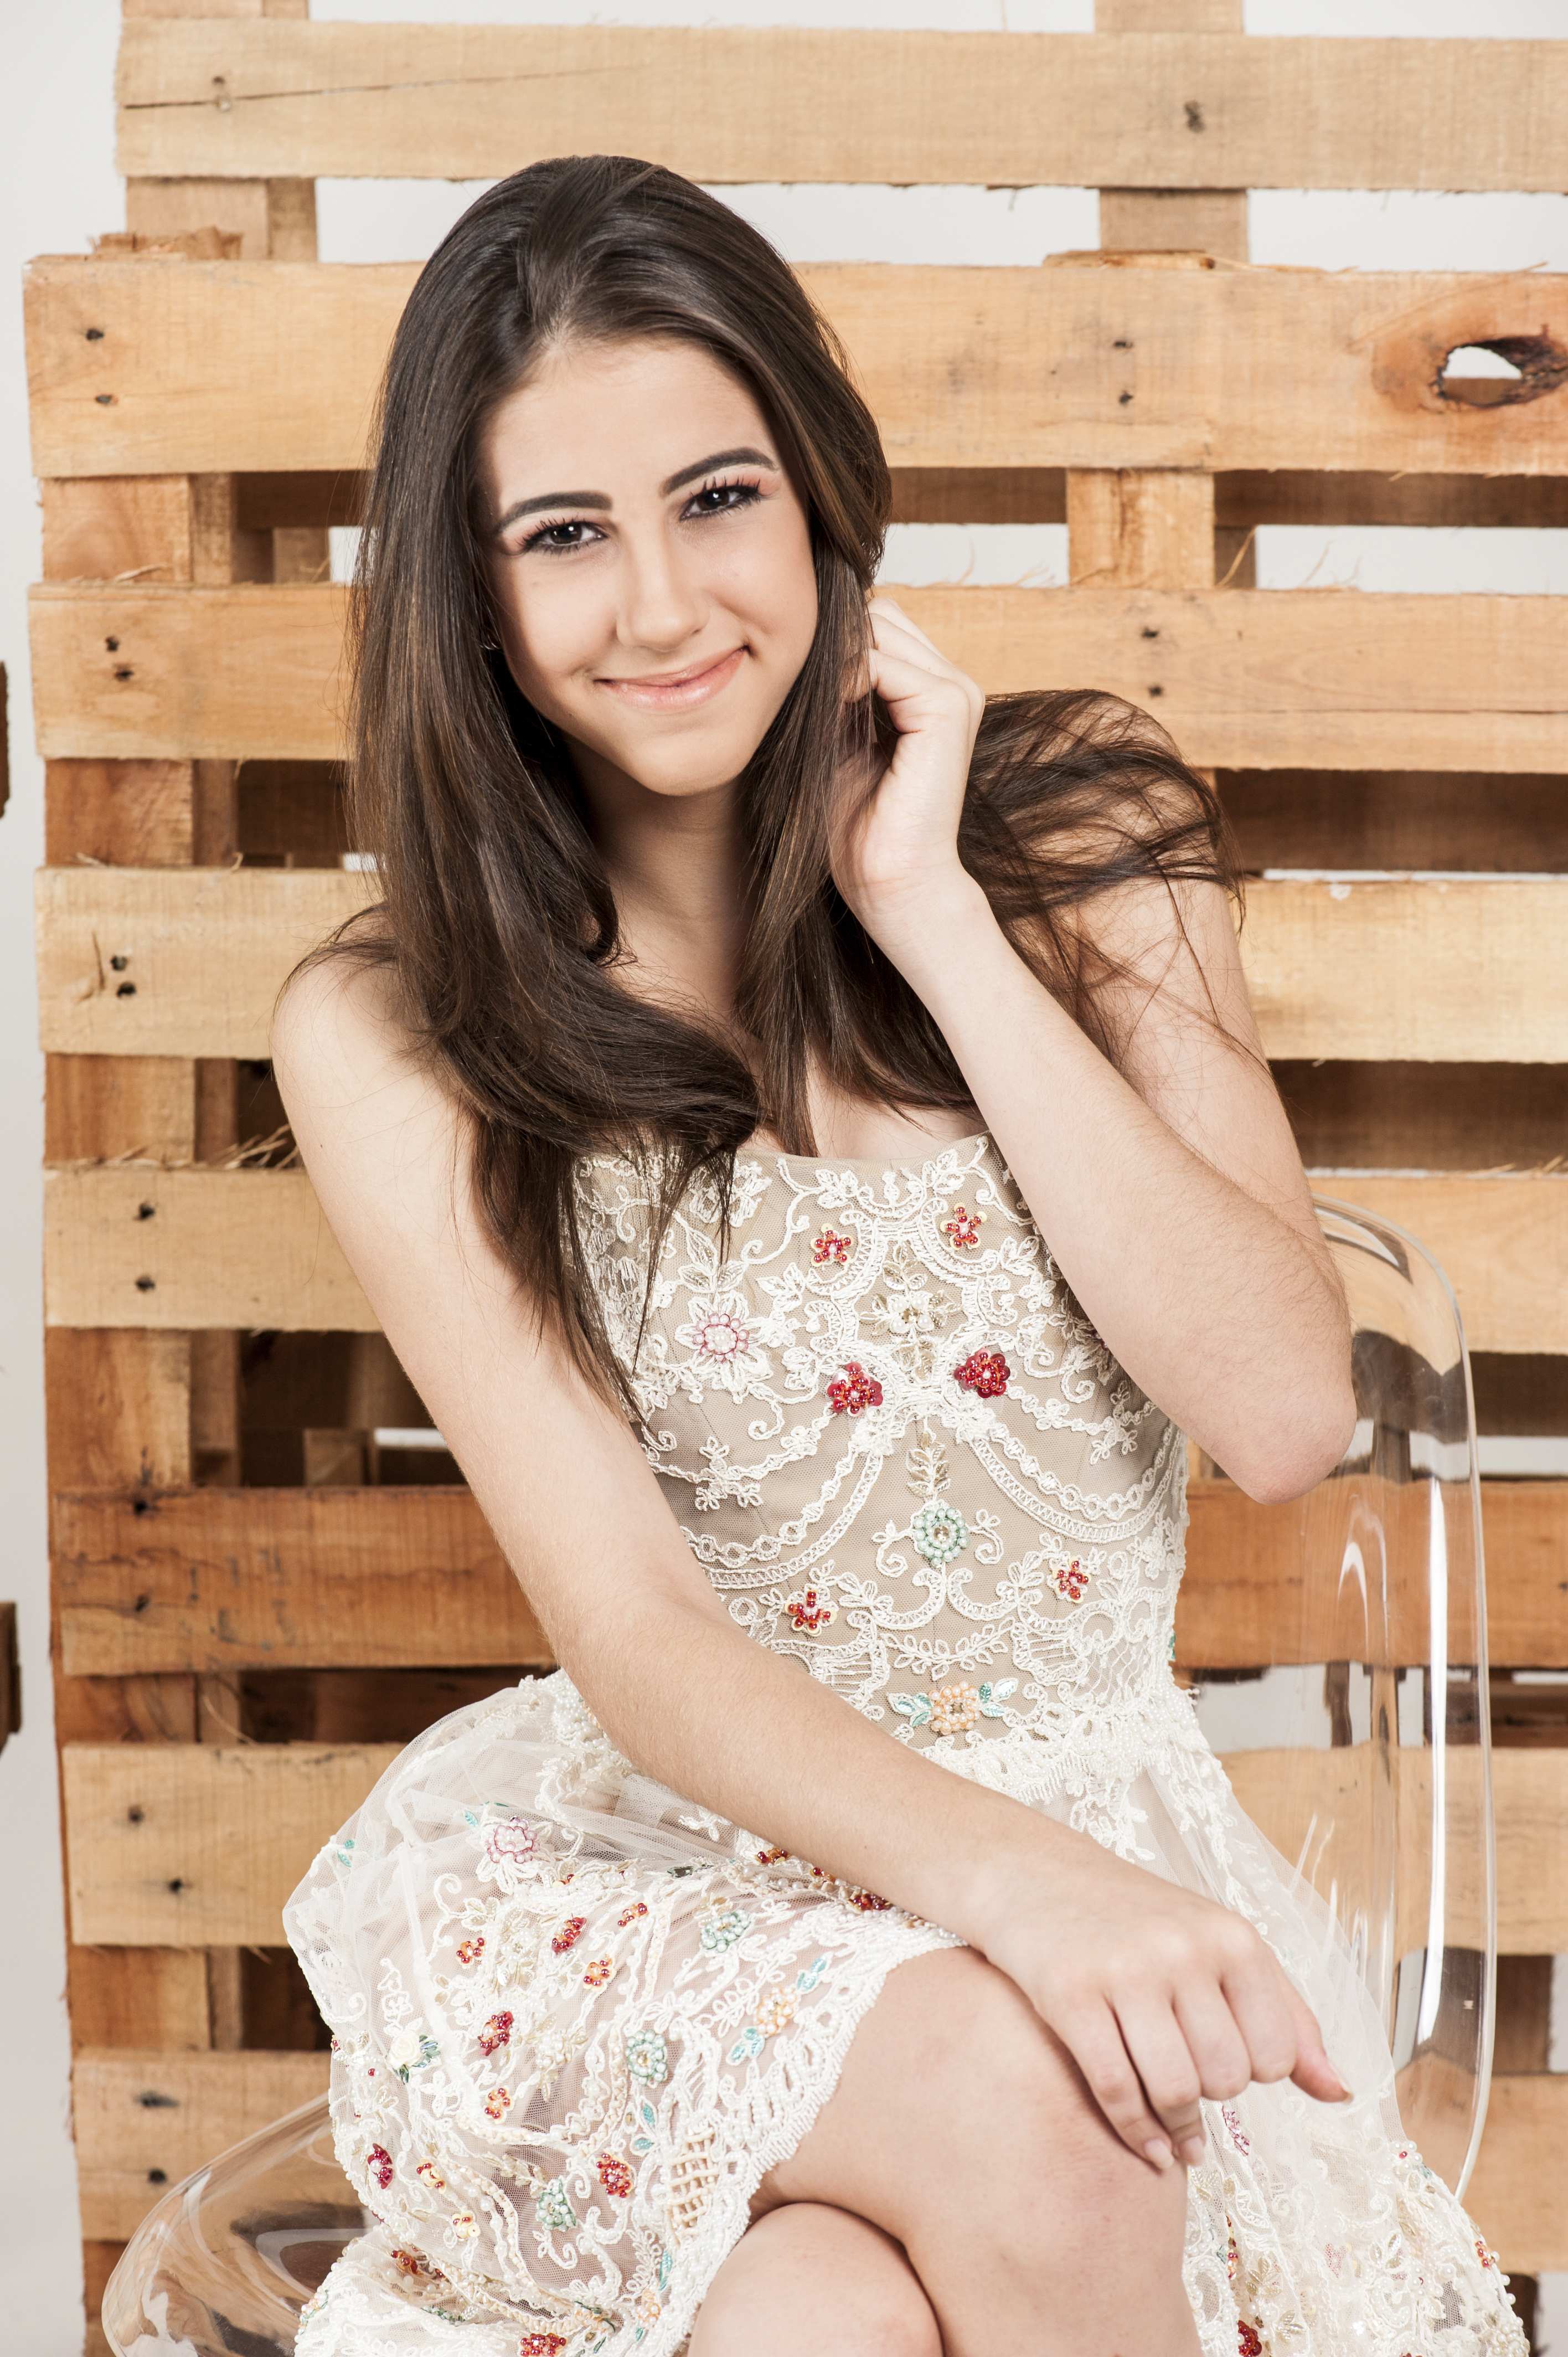 Book 14 anos - Luisa Carneiro